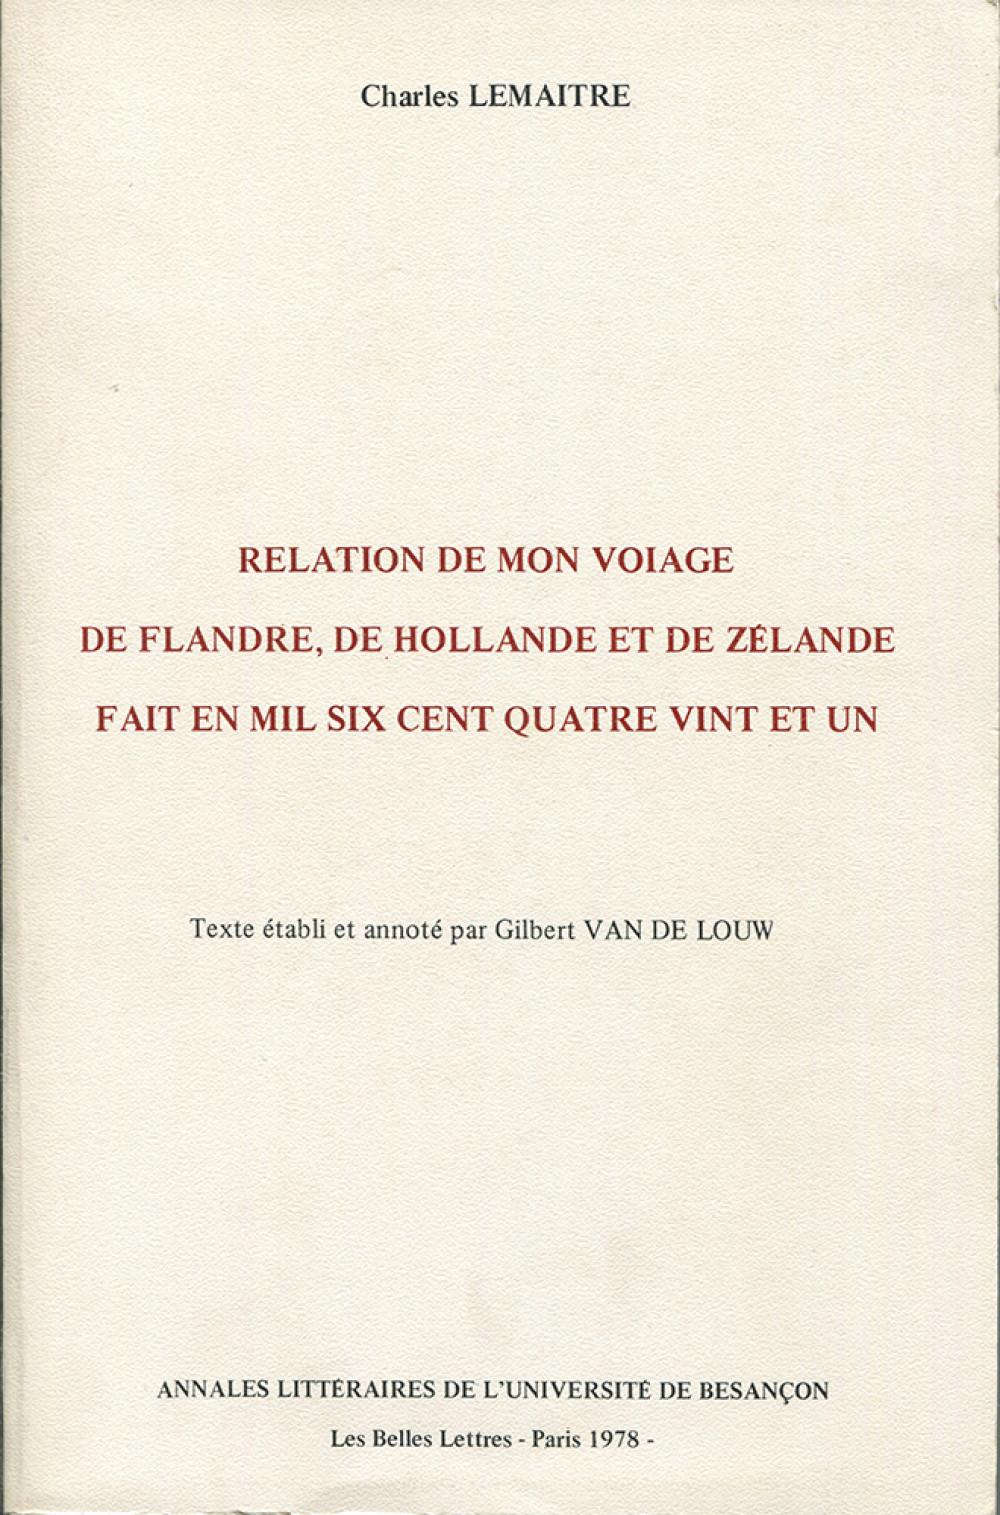 Charles Lemaitre. <i>Relation de mon voiage de Flandre, de Hollande de Zélande fait en mil six cent quatre vint et un</i>